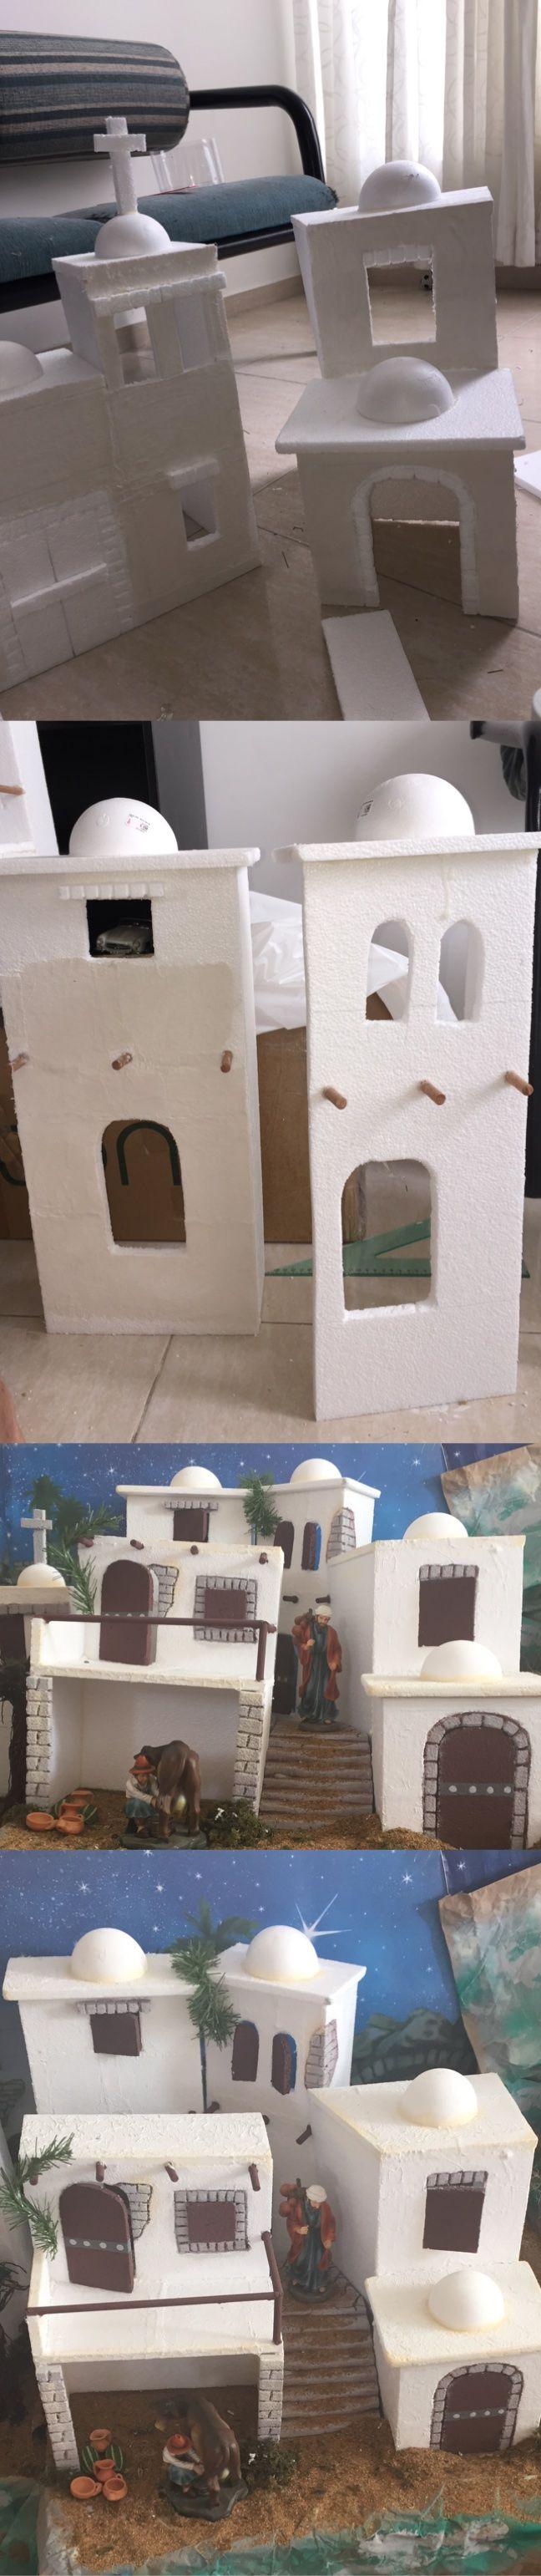 Casas para pesebre Belén                                                                                                                                                                                 Más